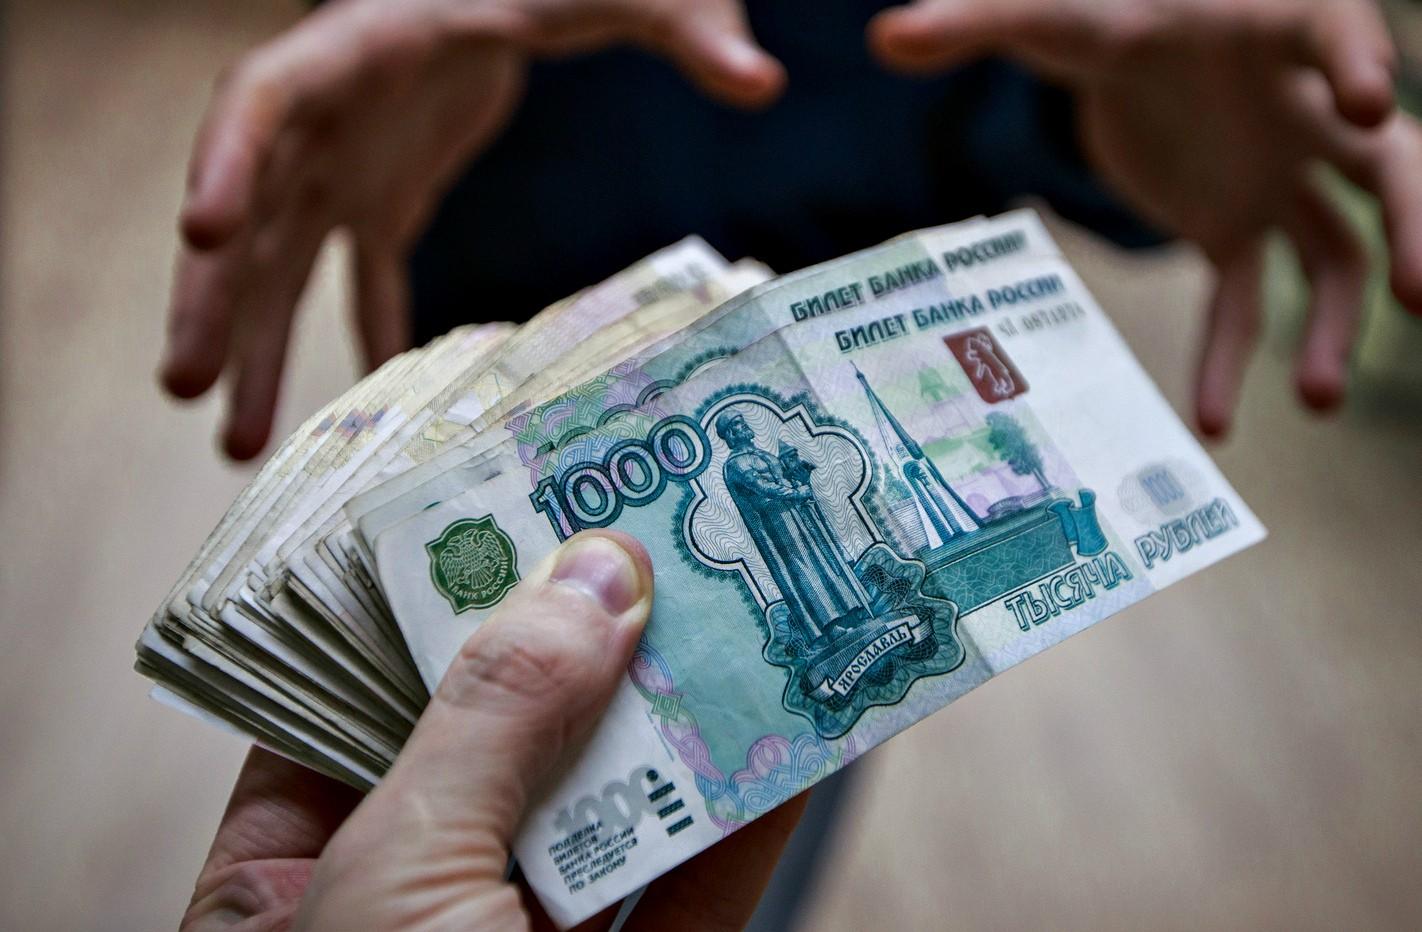 Два сотрудника мэрии Омска задержаны при получении крупной взятки